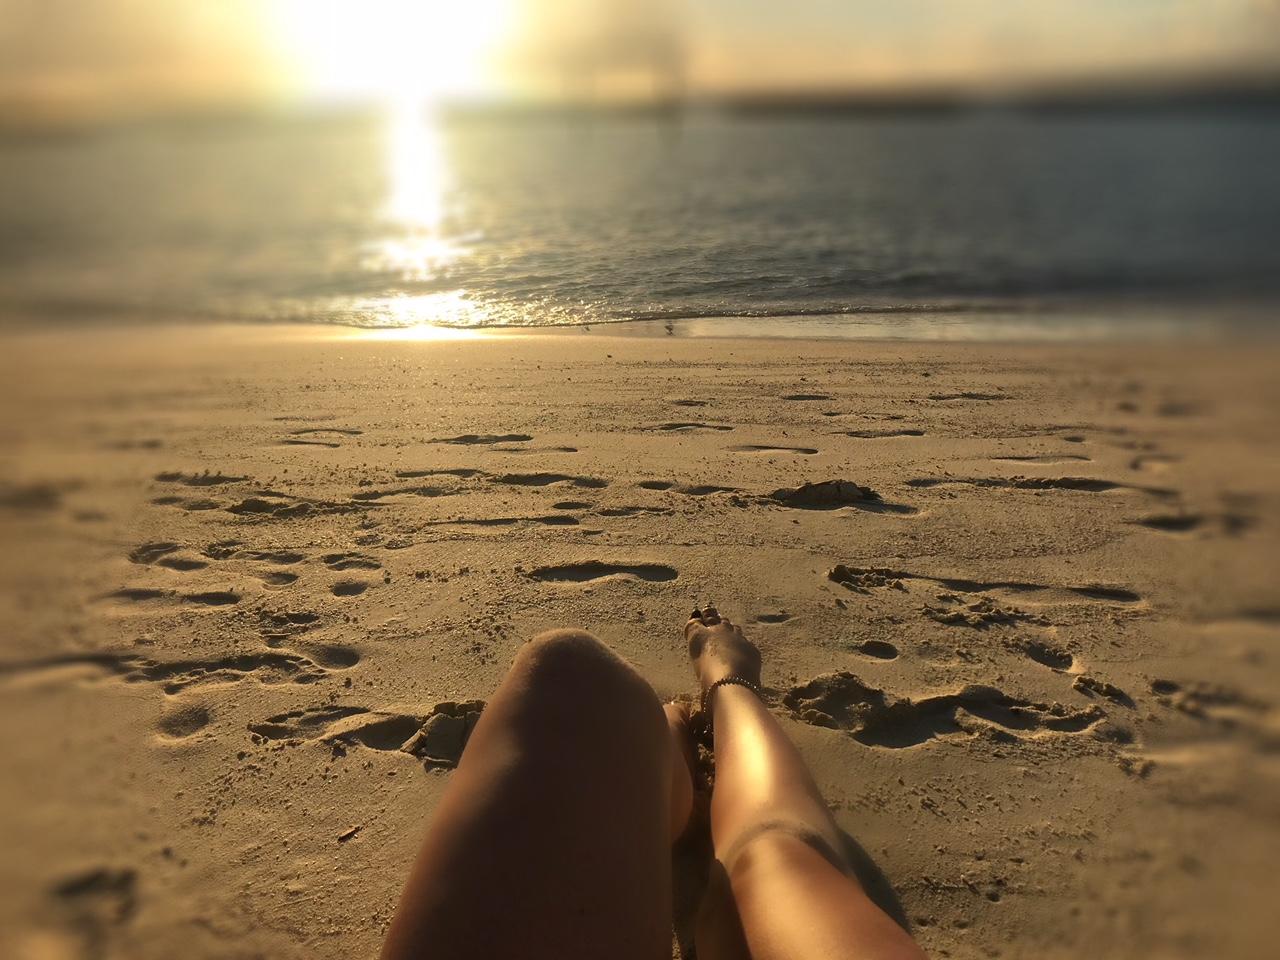 Projekt Haselnuss Urlaub auf der Haut Travel Reisen Travelblog 12 14